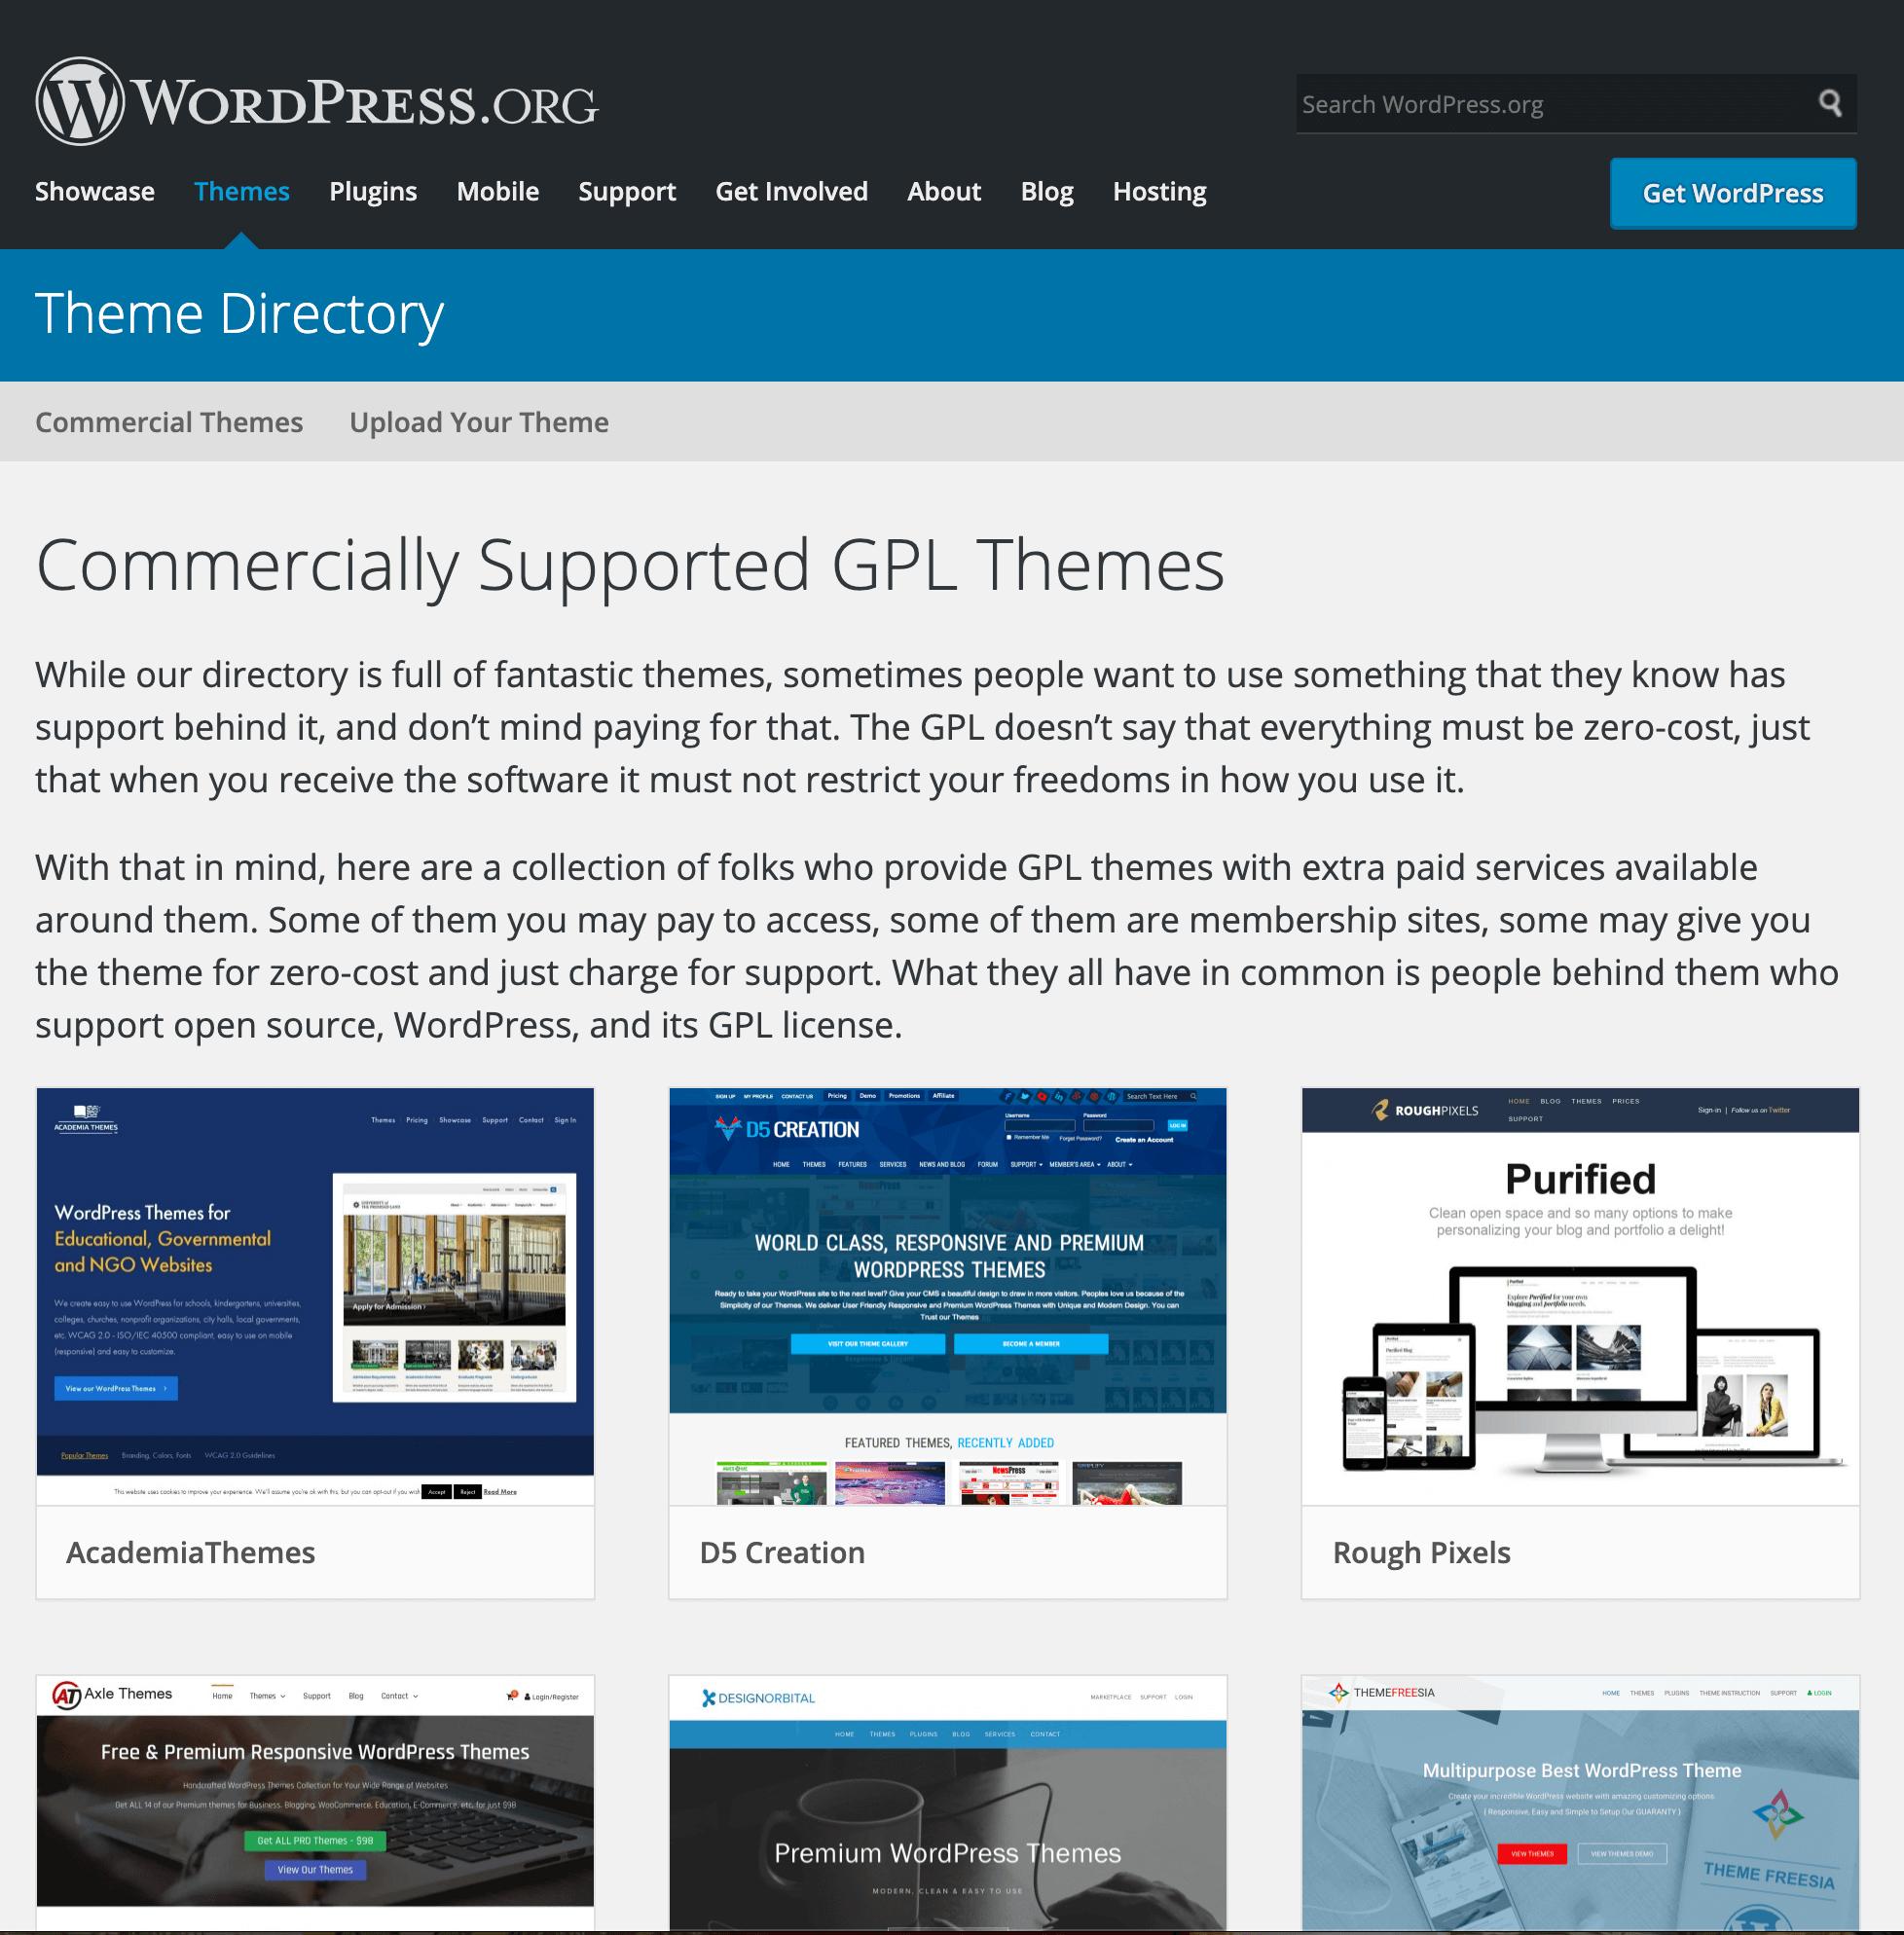 WordPress kommercielle temaer hjemmeside